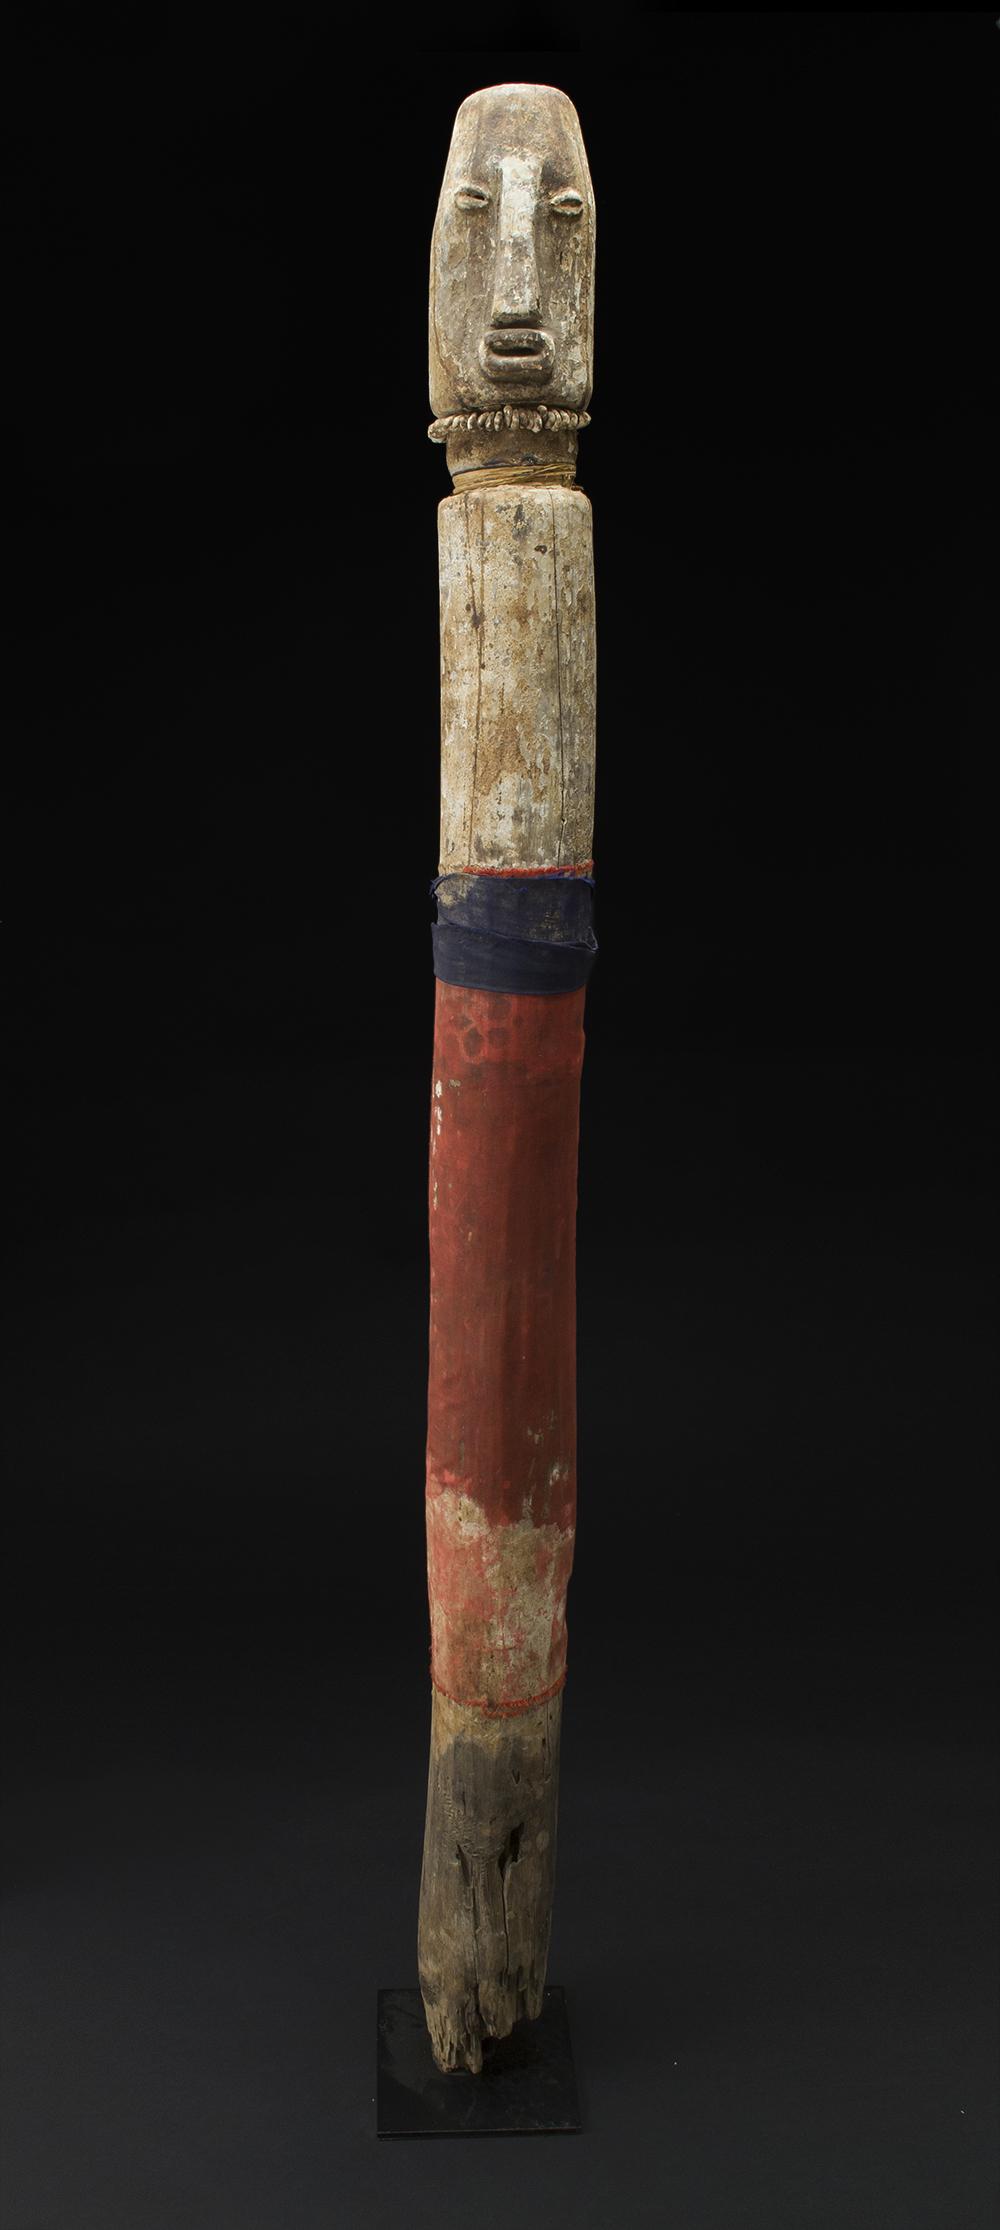 Africa,Bocio - Adan/Ewe People - Togo, 1970,Wood,58 x 4.5 x 4.5 inches,147.3 x 11.4 x 11.4 cm,Af 284